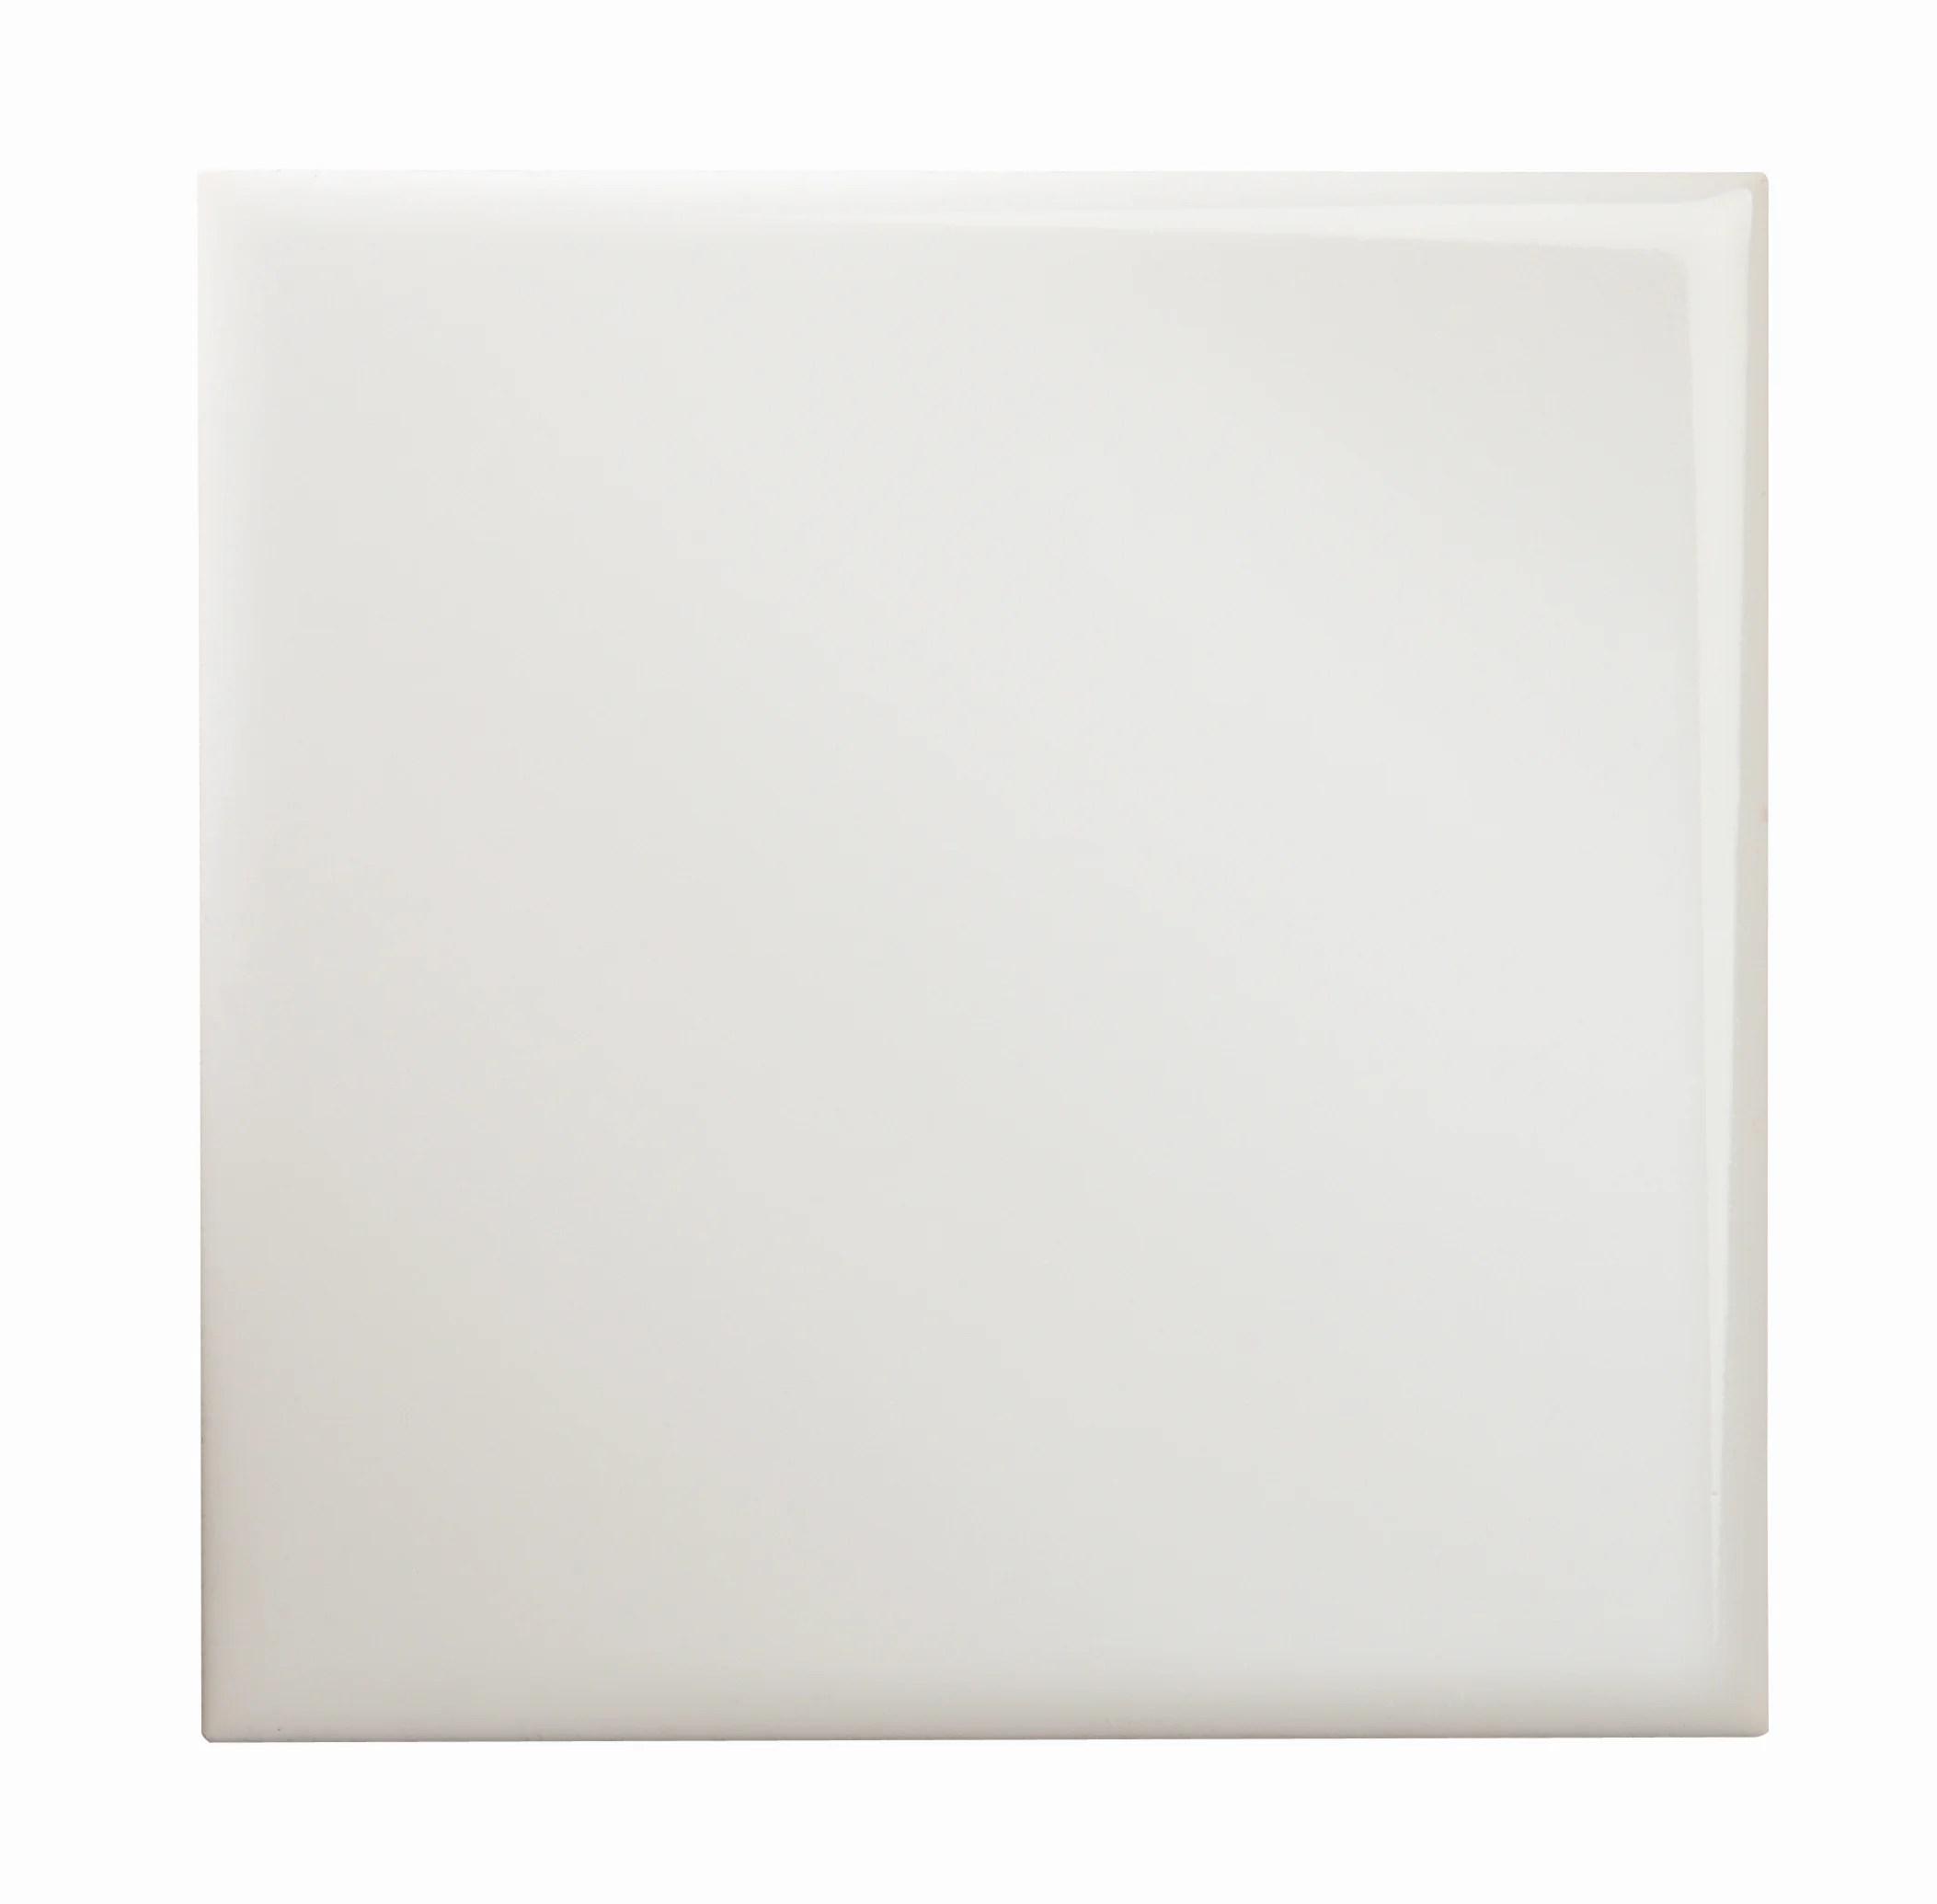 Faience Mur Medio Uni Blanc Brillant L 15 X L 15 Cm Blanc Leroy Merlin